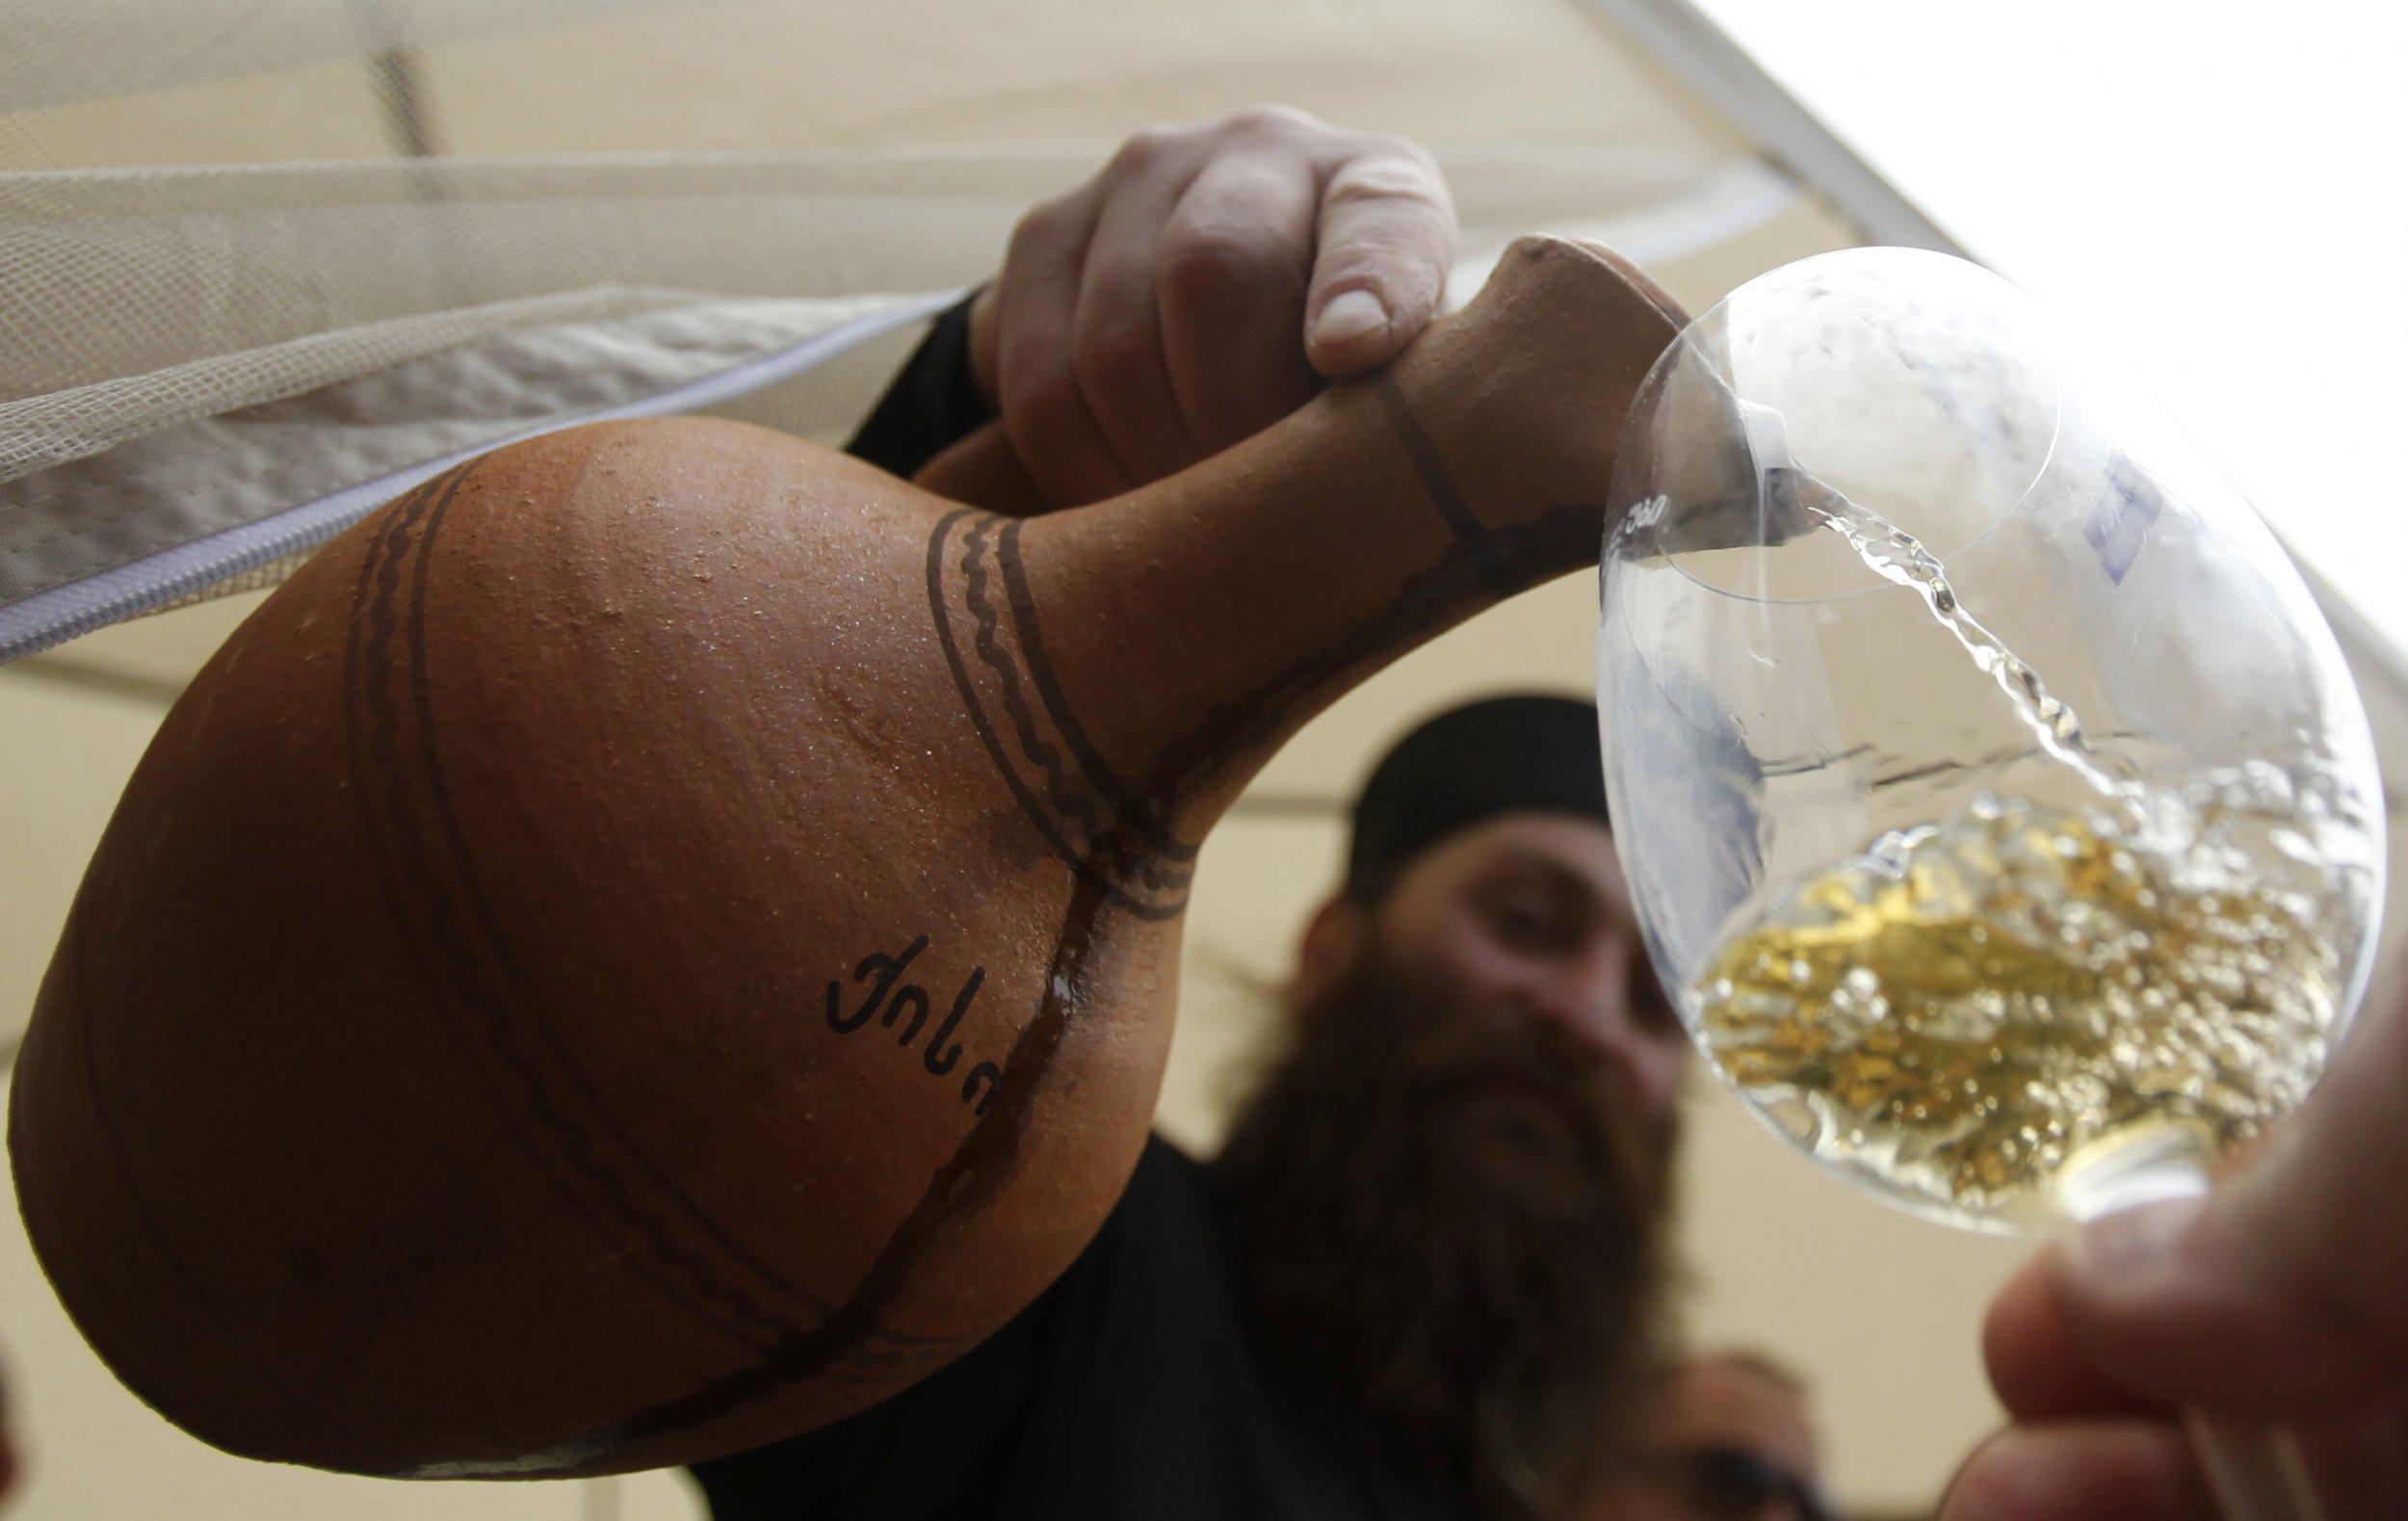 [Obrazek: priest-pours-georgian-wine-glass.jpg]